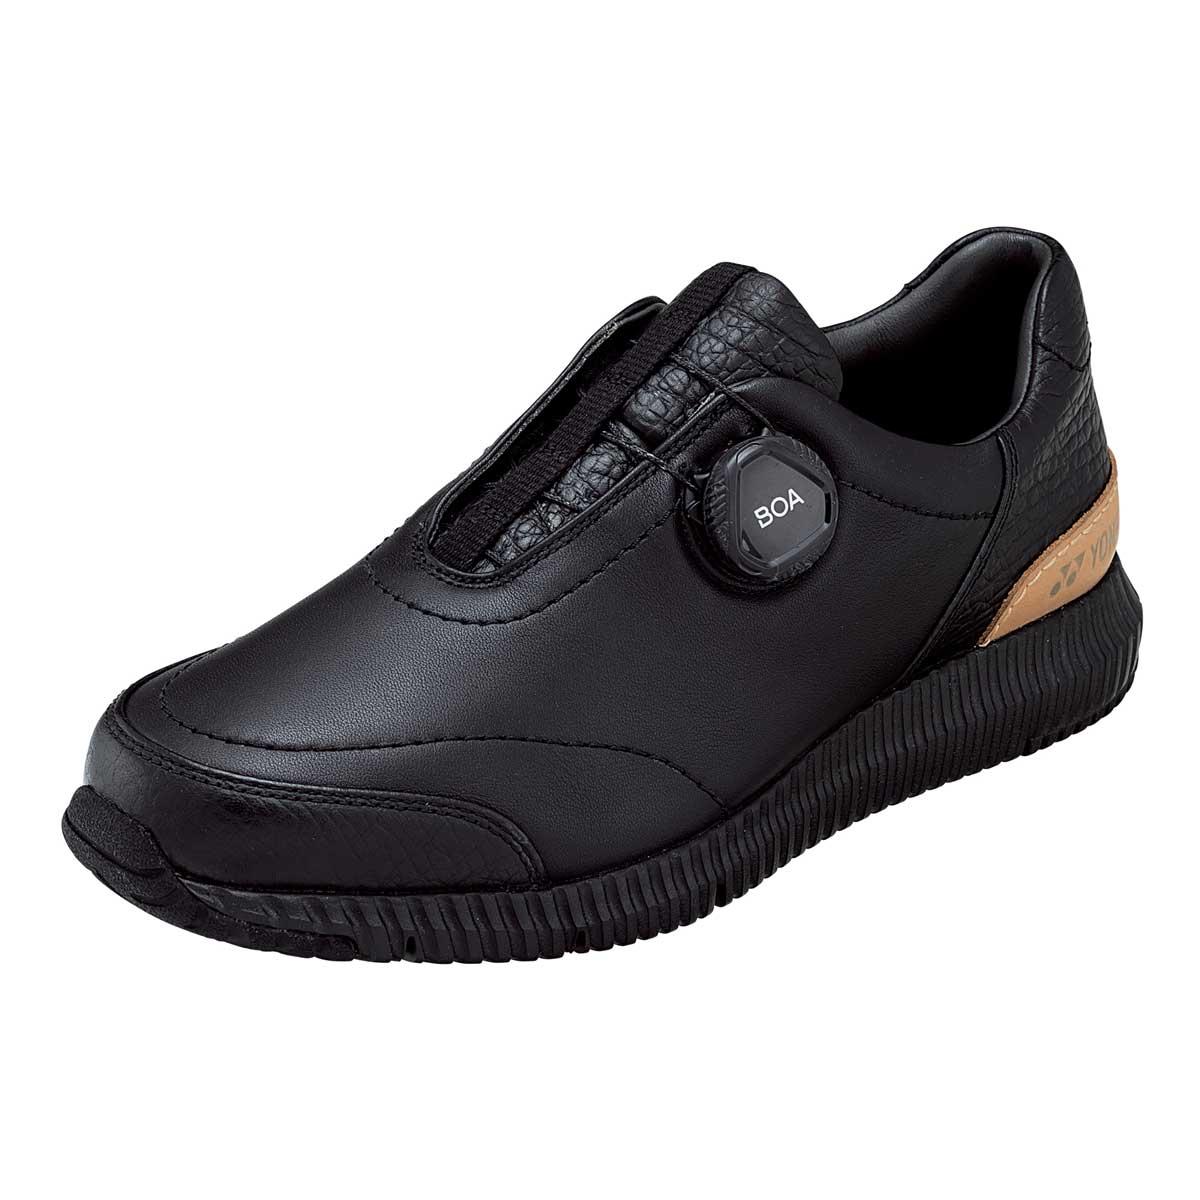 YONEX ヨネックス LC96 ブラック (レディース)軽い疲れにくいウォーキングシューズ「靴」